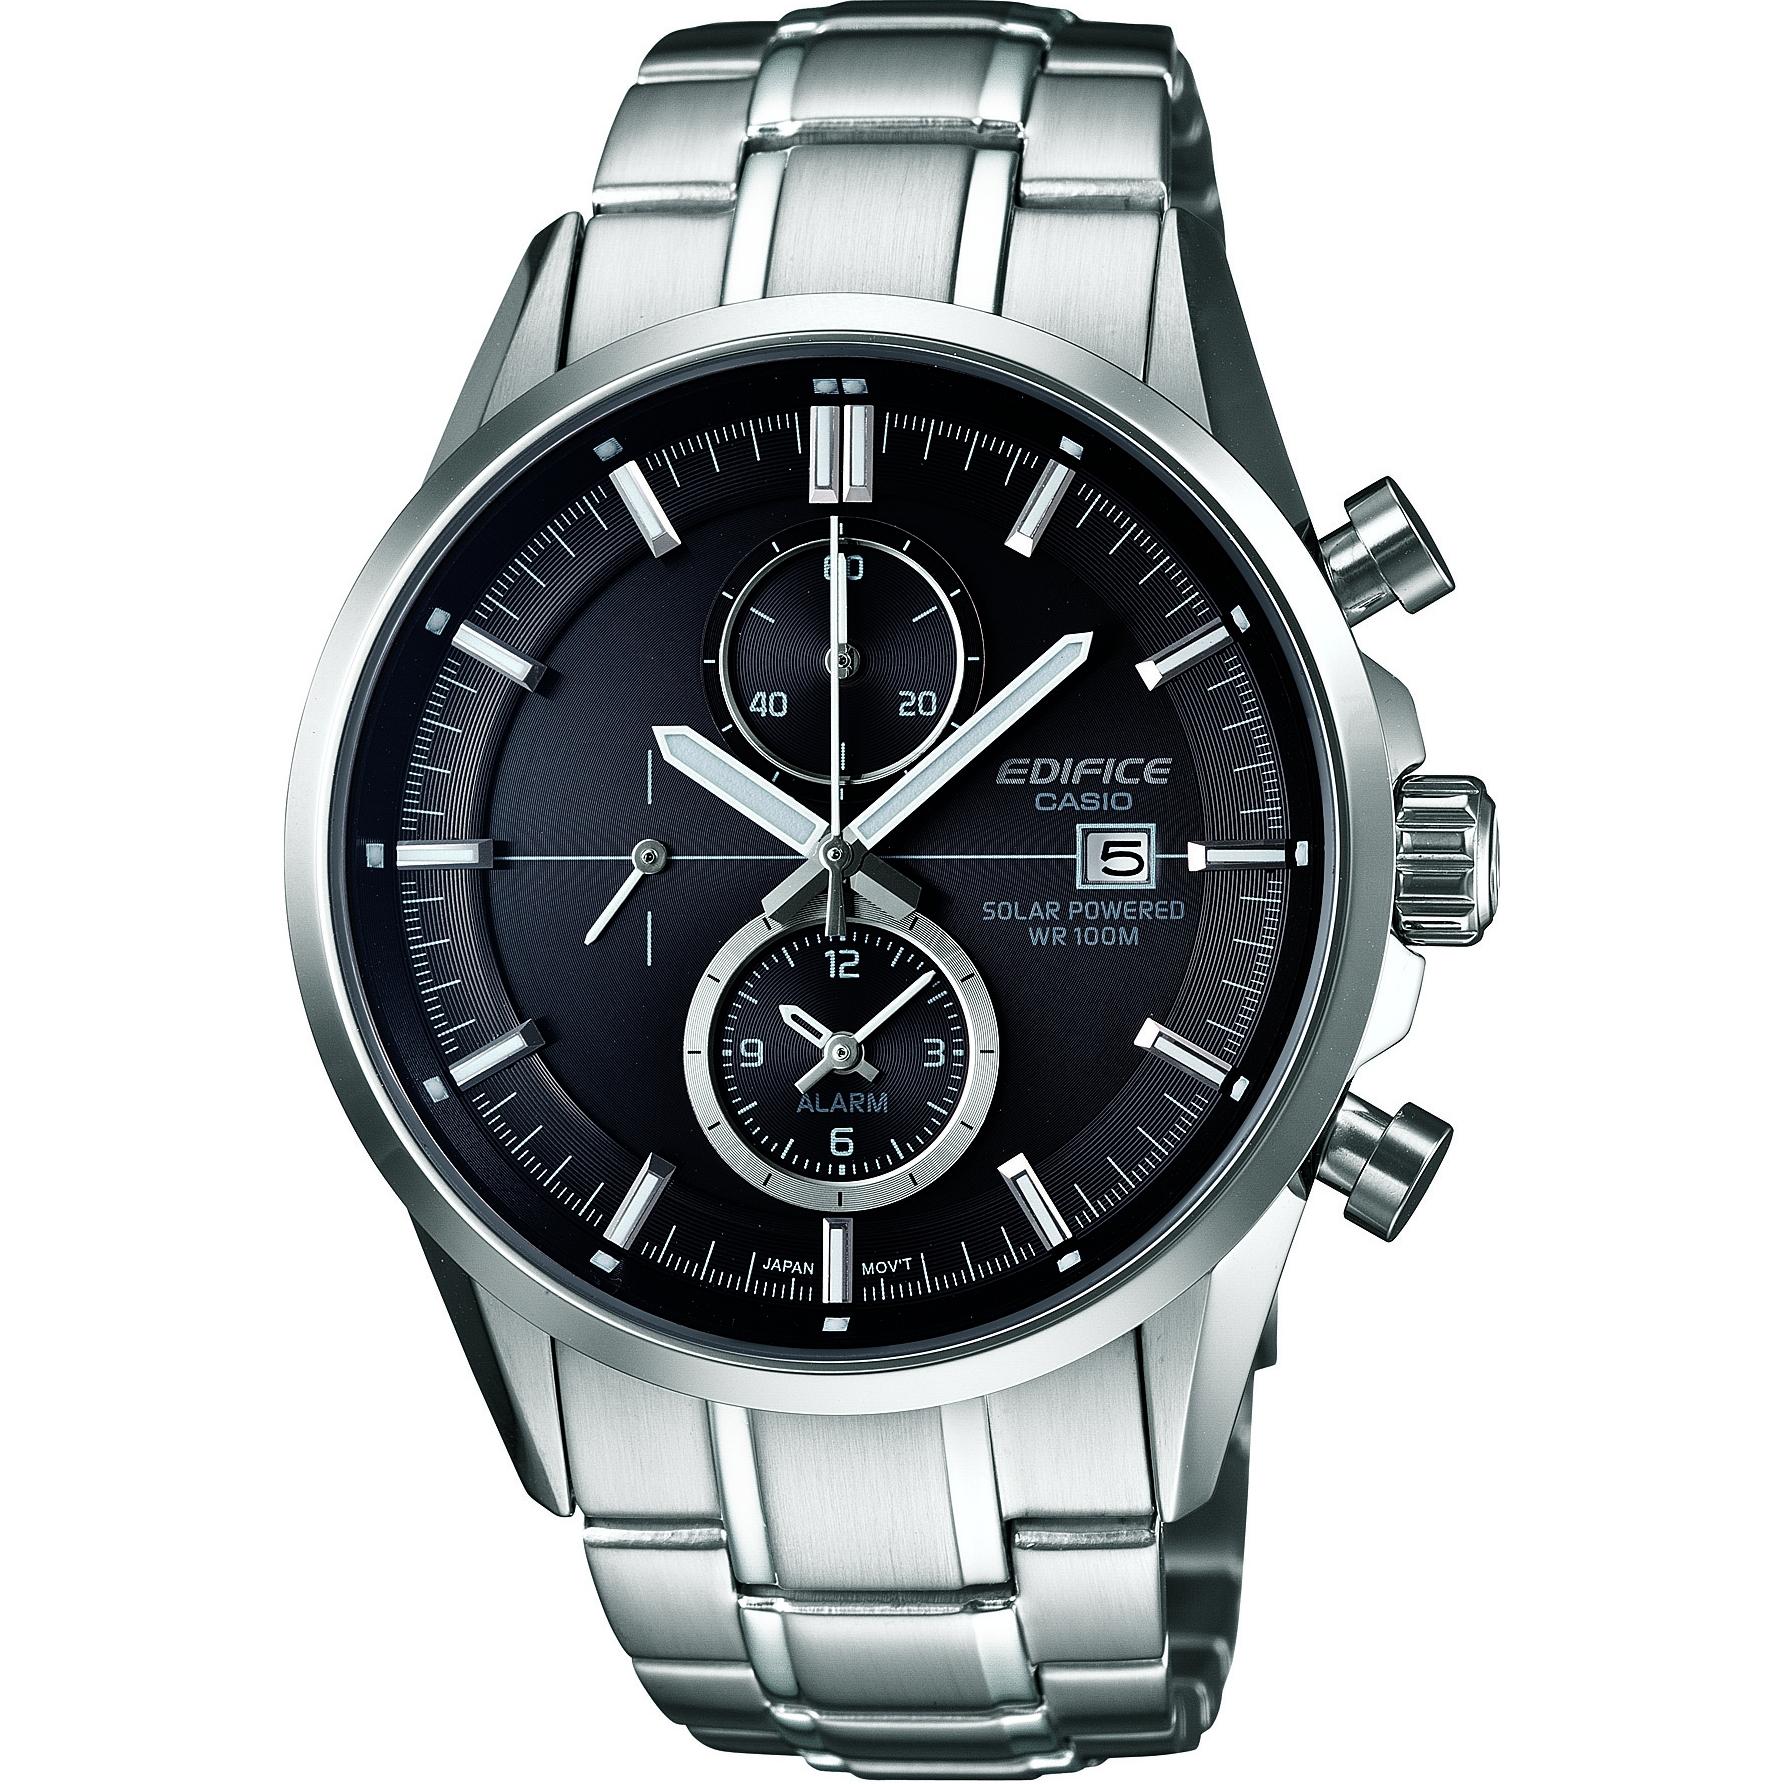 4f043c7a7ae8 Gents Casio Edifice Alarm Chronograph Watch (EFB-503SBD-1AVER ...